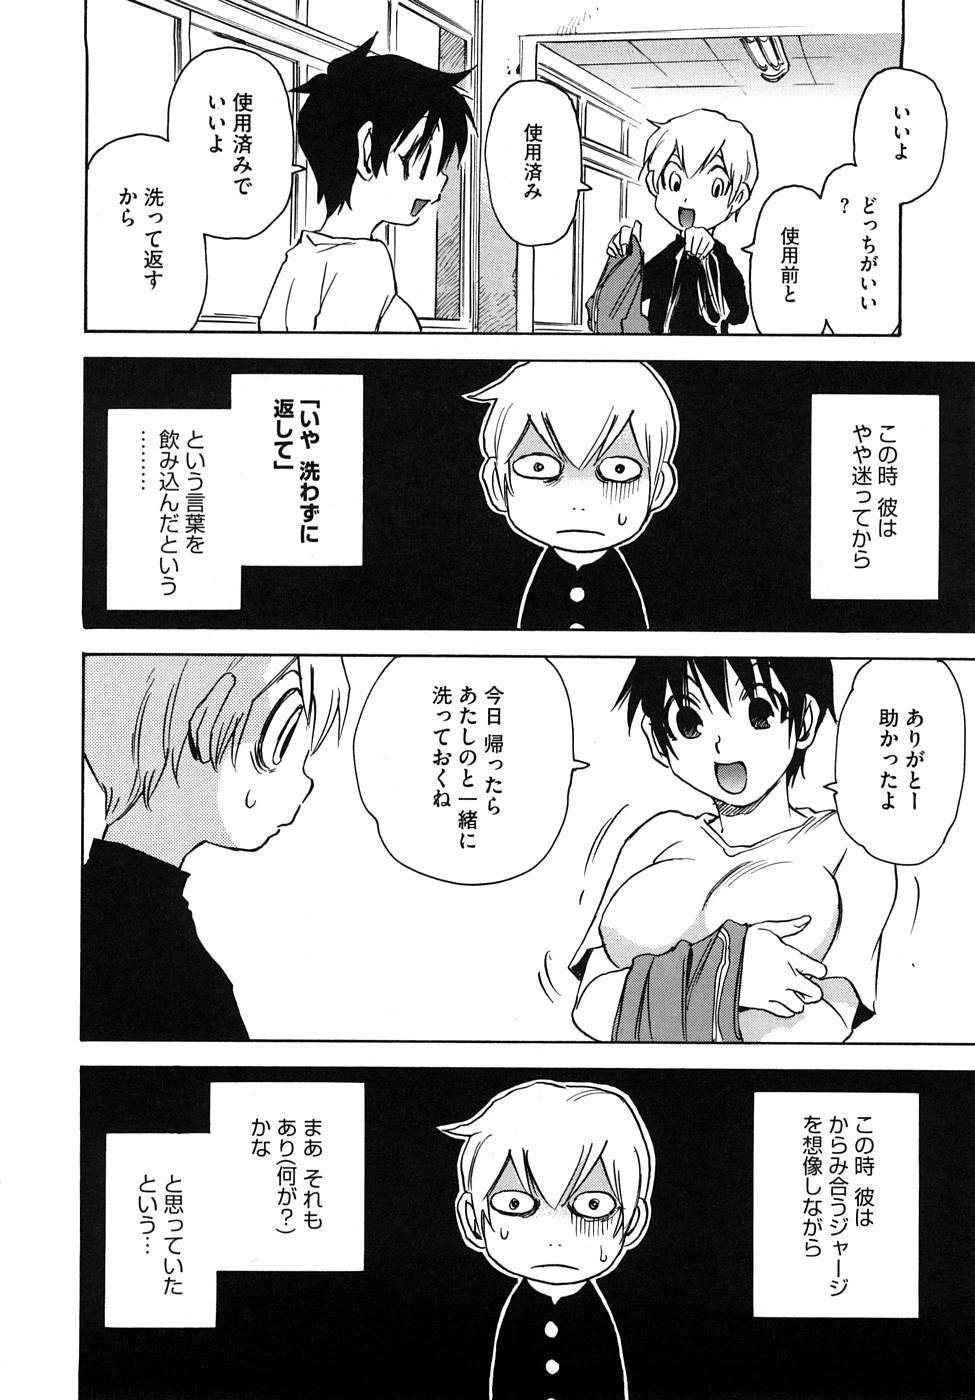 Nanako-san Teki na Nichijou RE 54